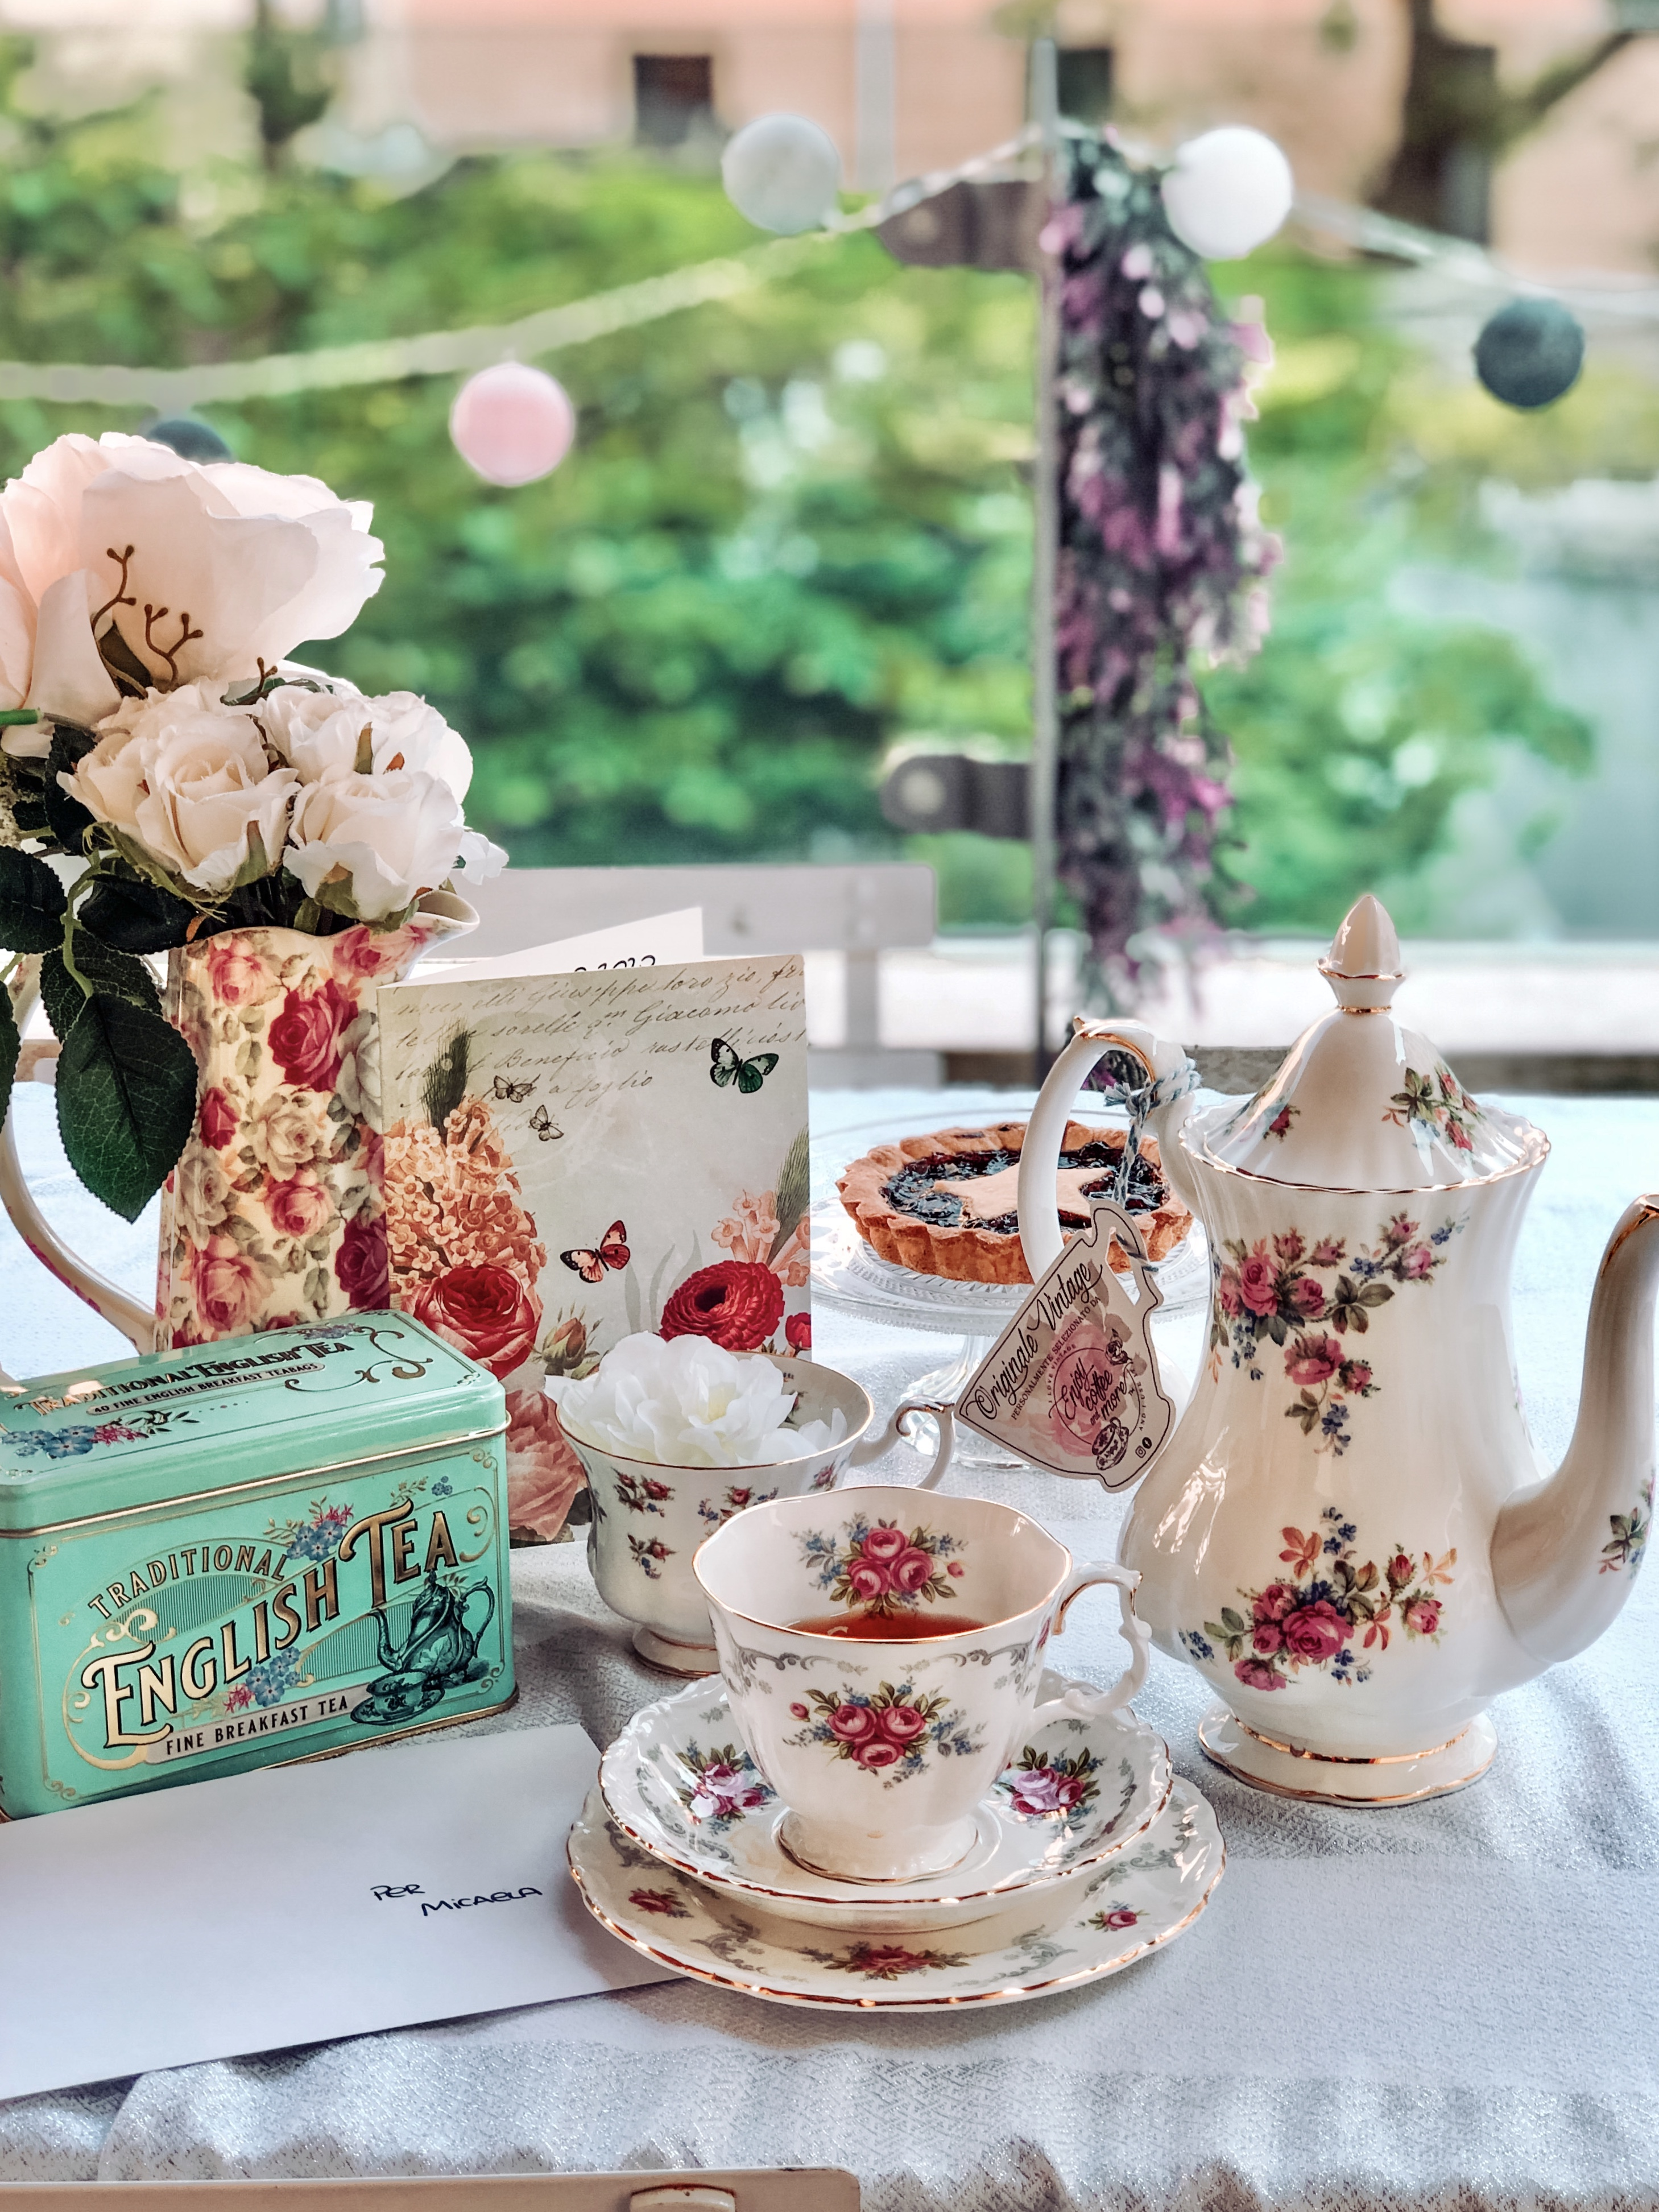 afternoon tea, tea inglese, il rito del tea, porcellane inglesi, enjoycoffeeandmore, impastastorie bistrot